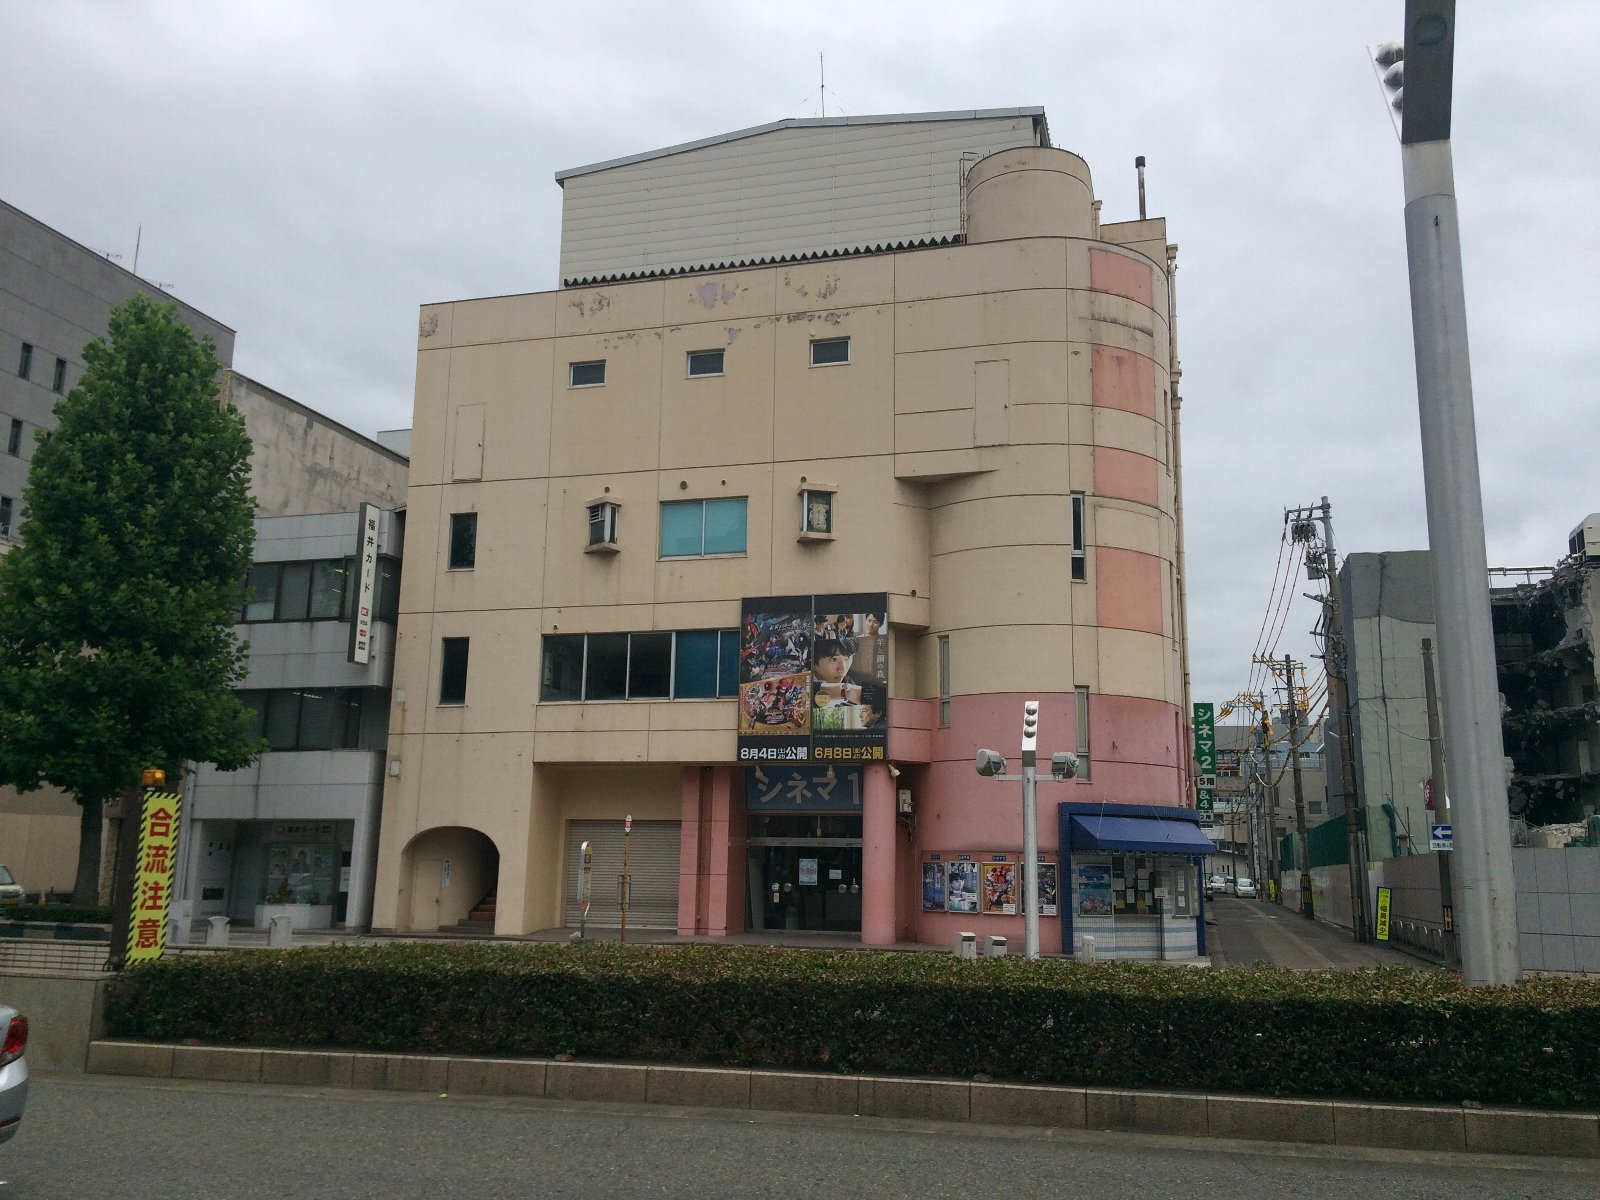 20180808 福井シネマ全景